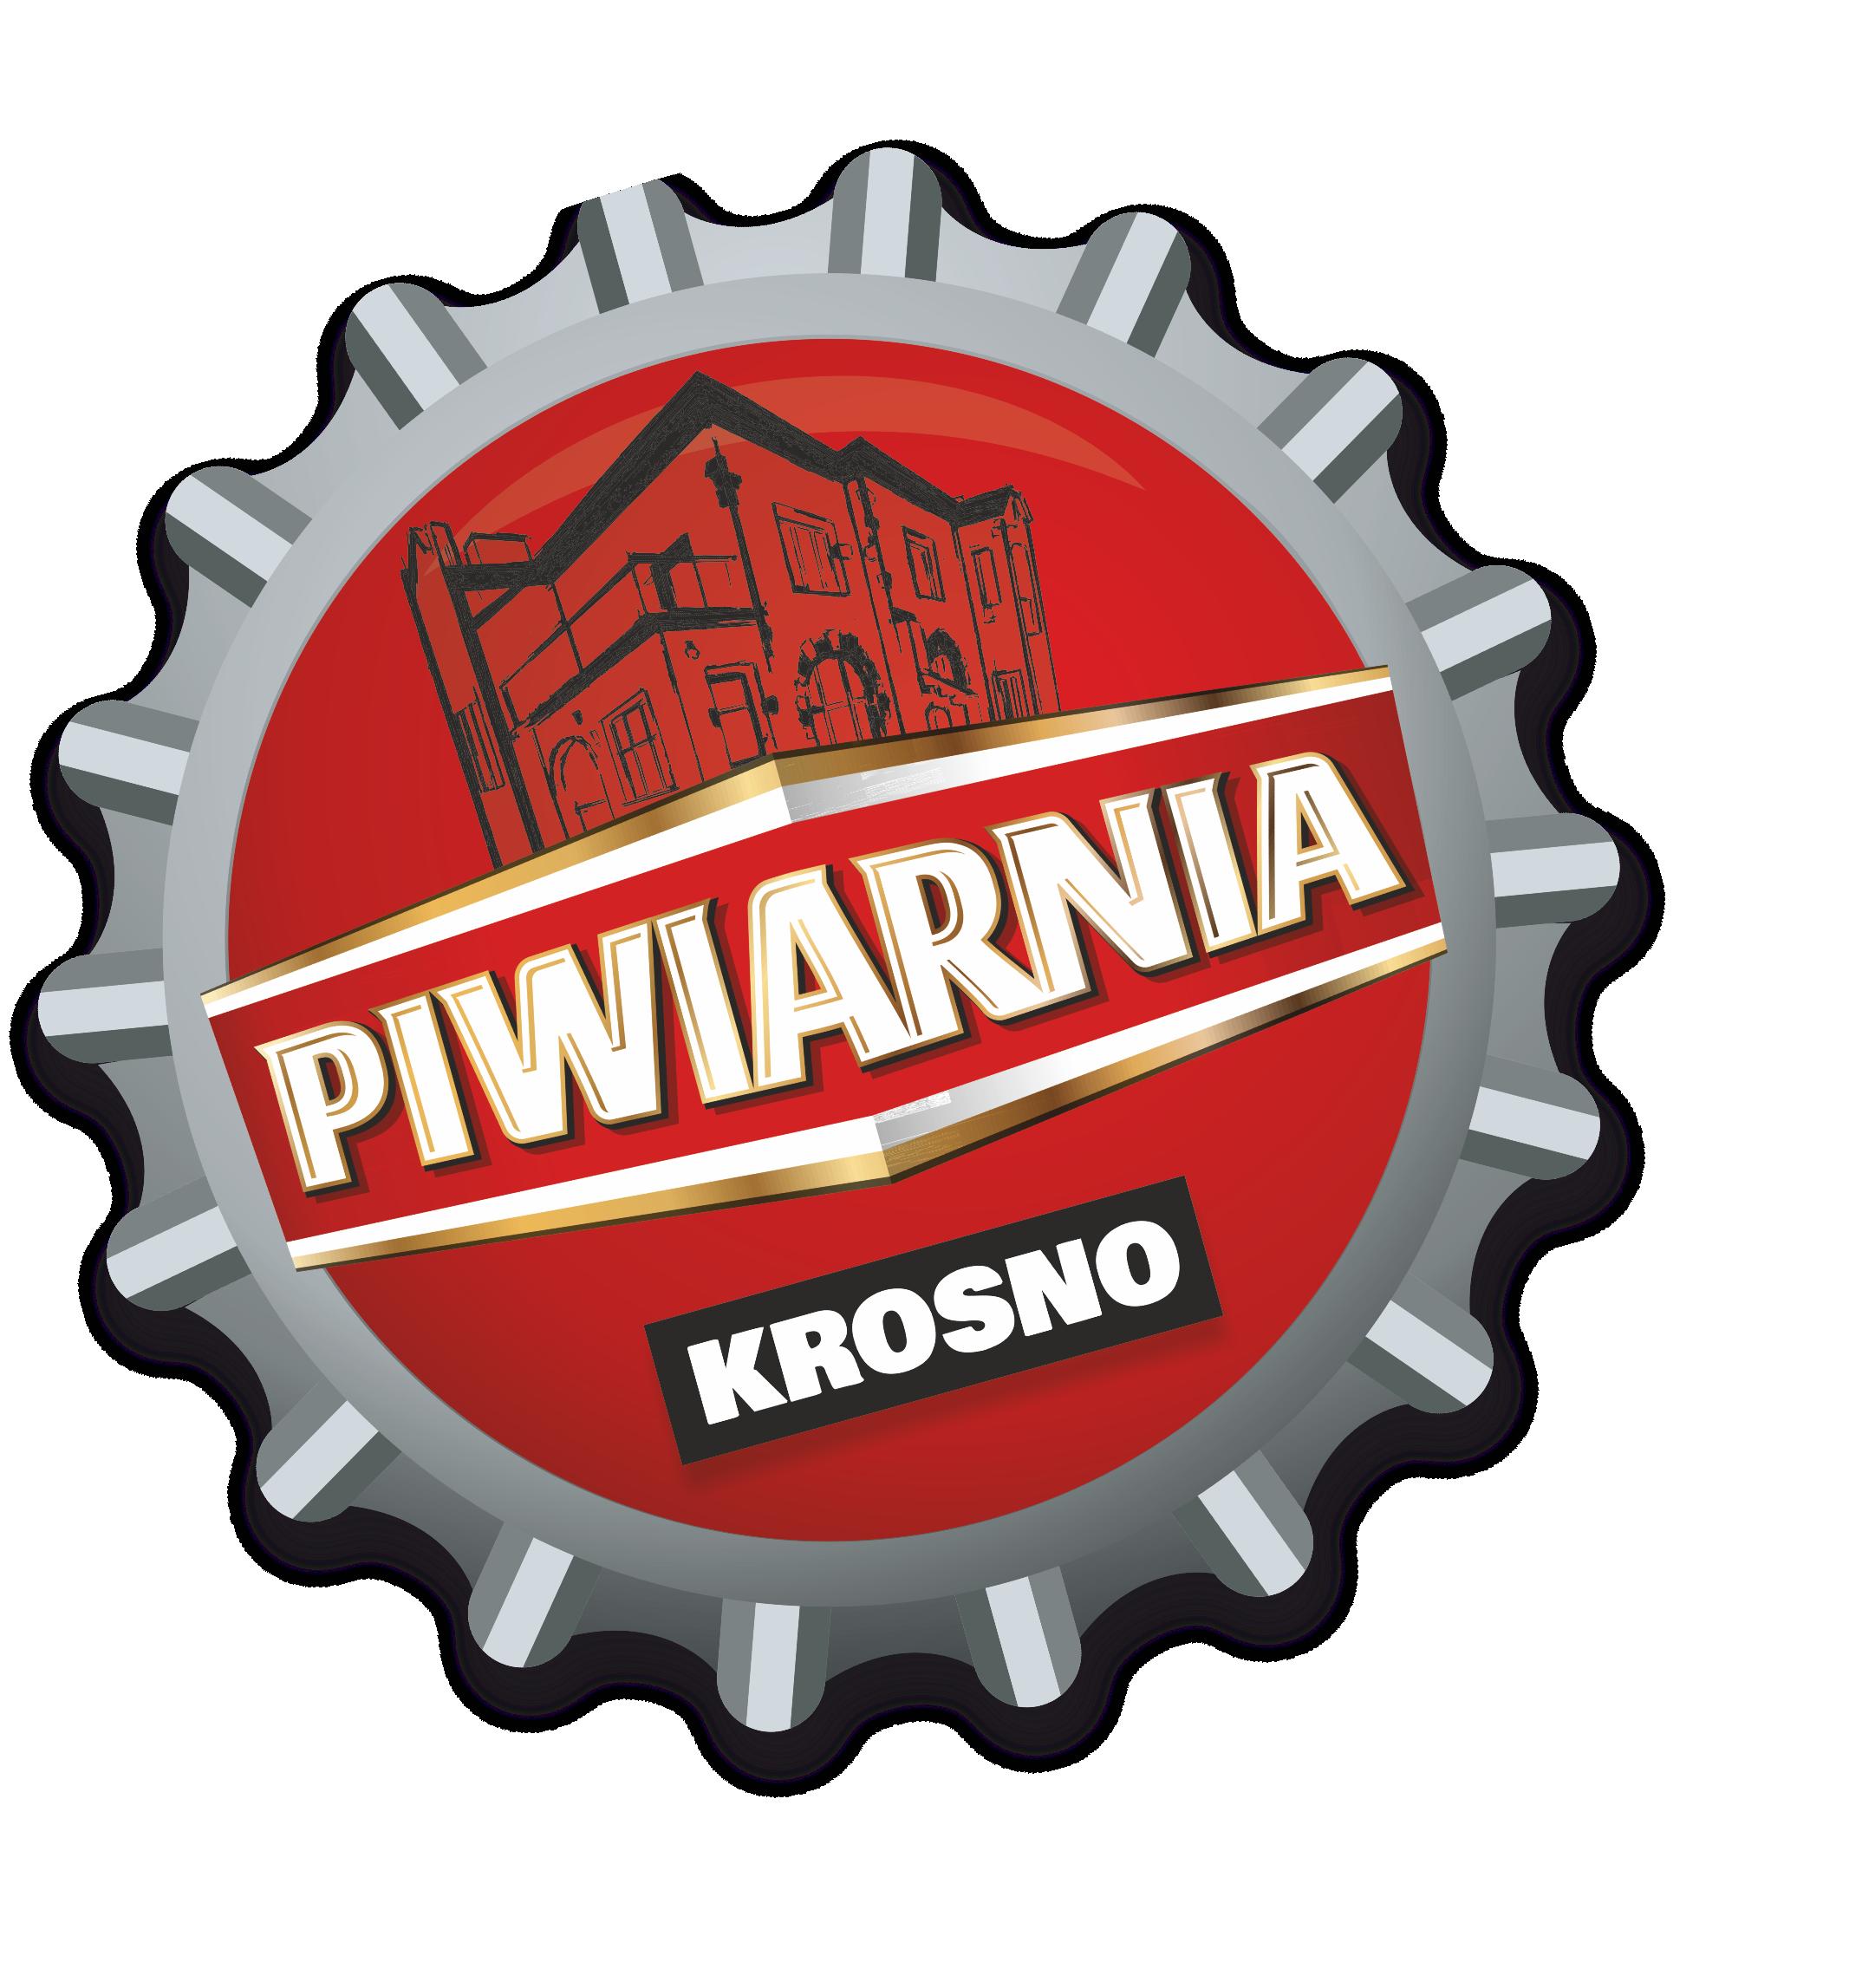 www.piwiarniakrosno.pl/